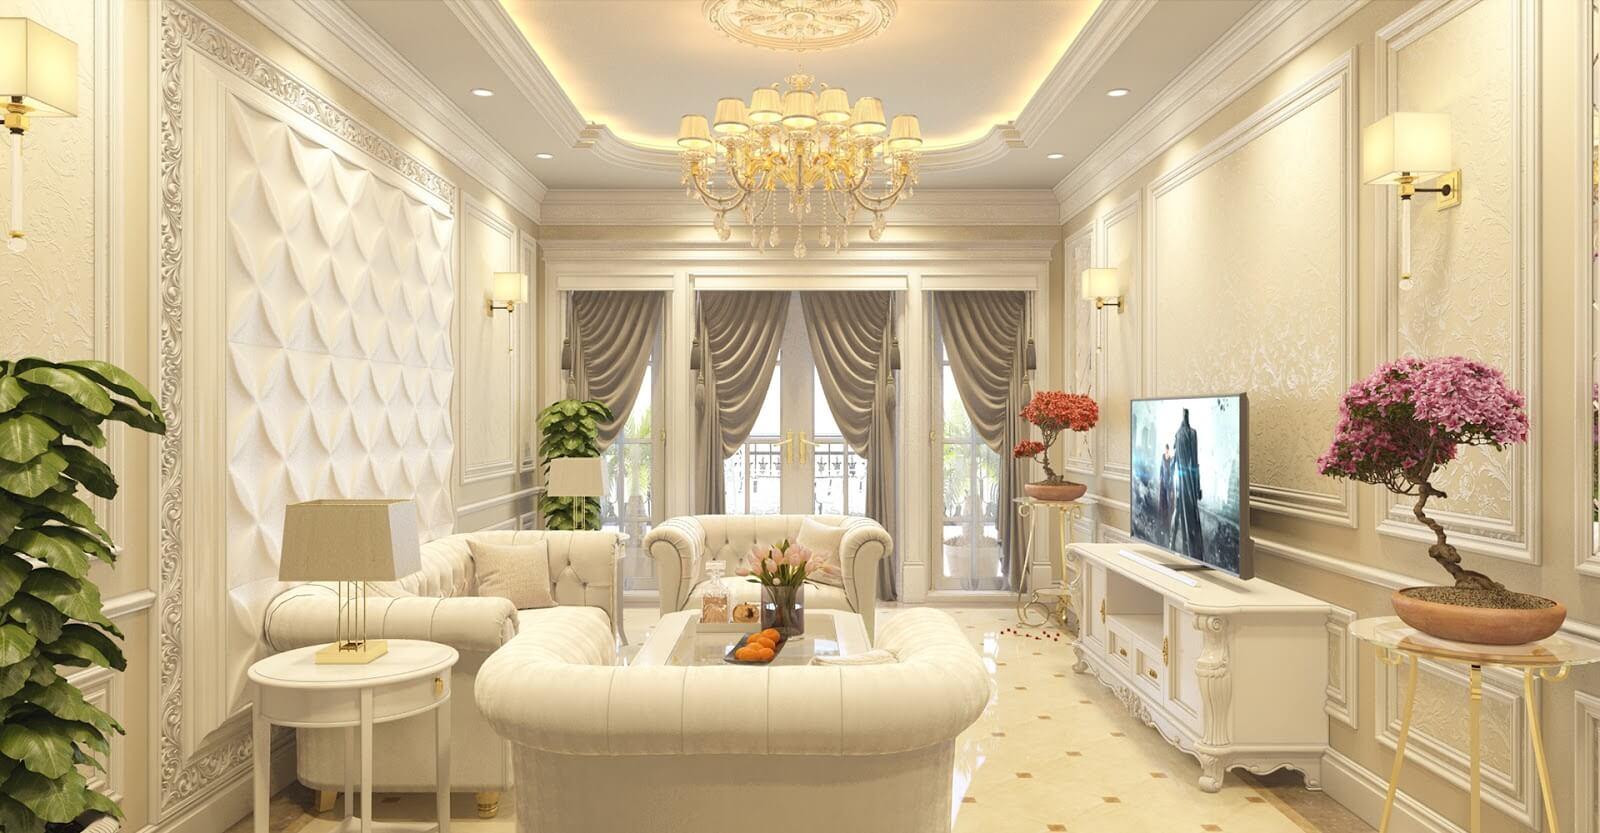 Phong cách nội thất tân cổ điển với những đường nét mềm mại, sang trọng